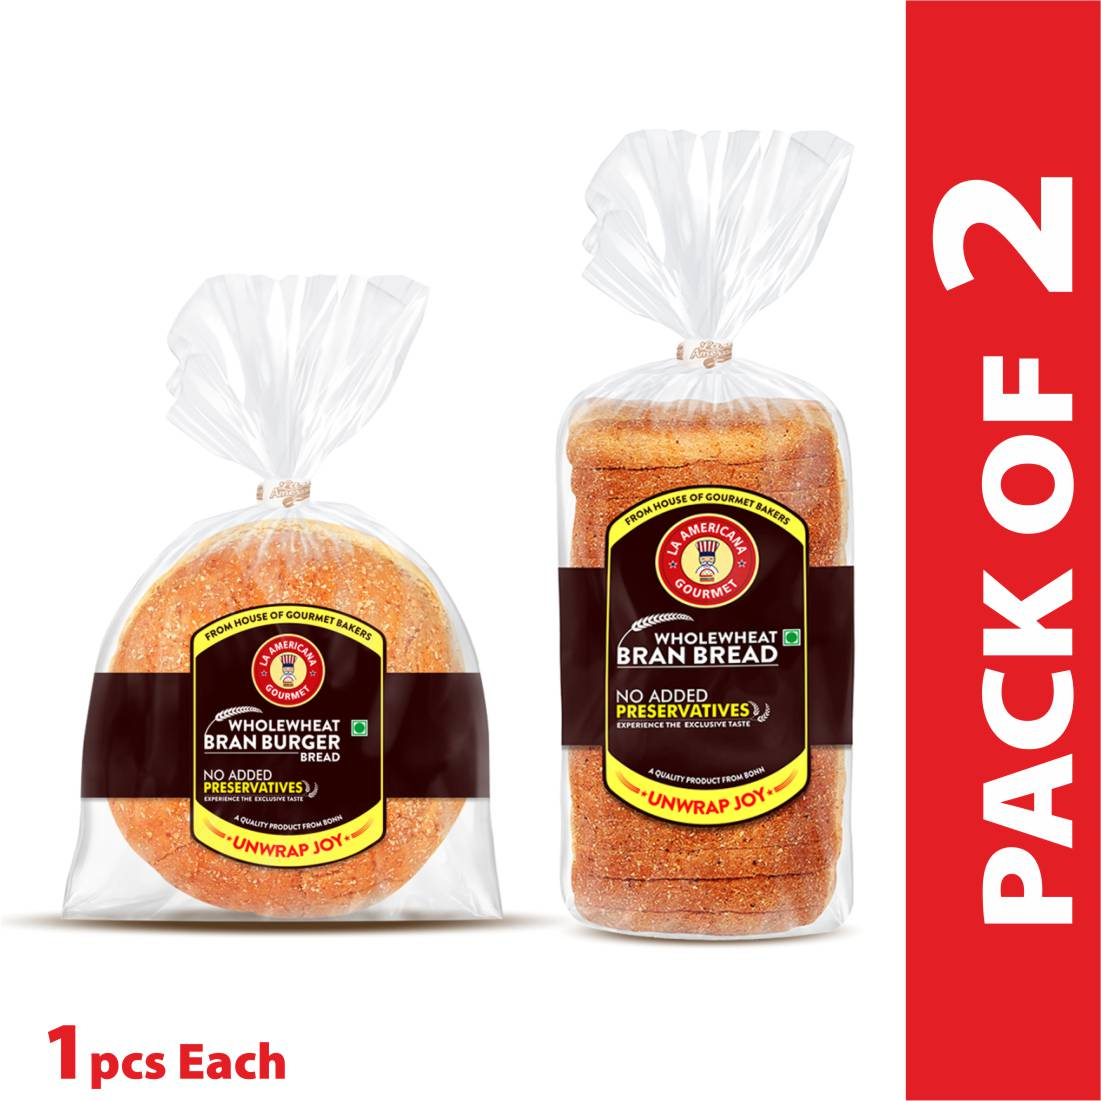 La Americana Wholewheat BRAN BREAD 350g, and La Americana Wholewheat Bran Burger 150g, (Pack of 1 each)